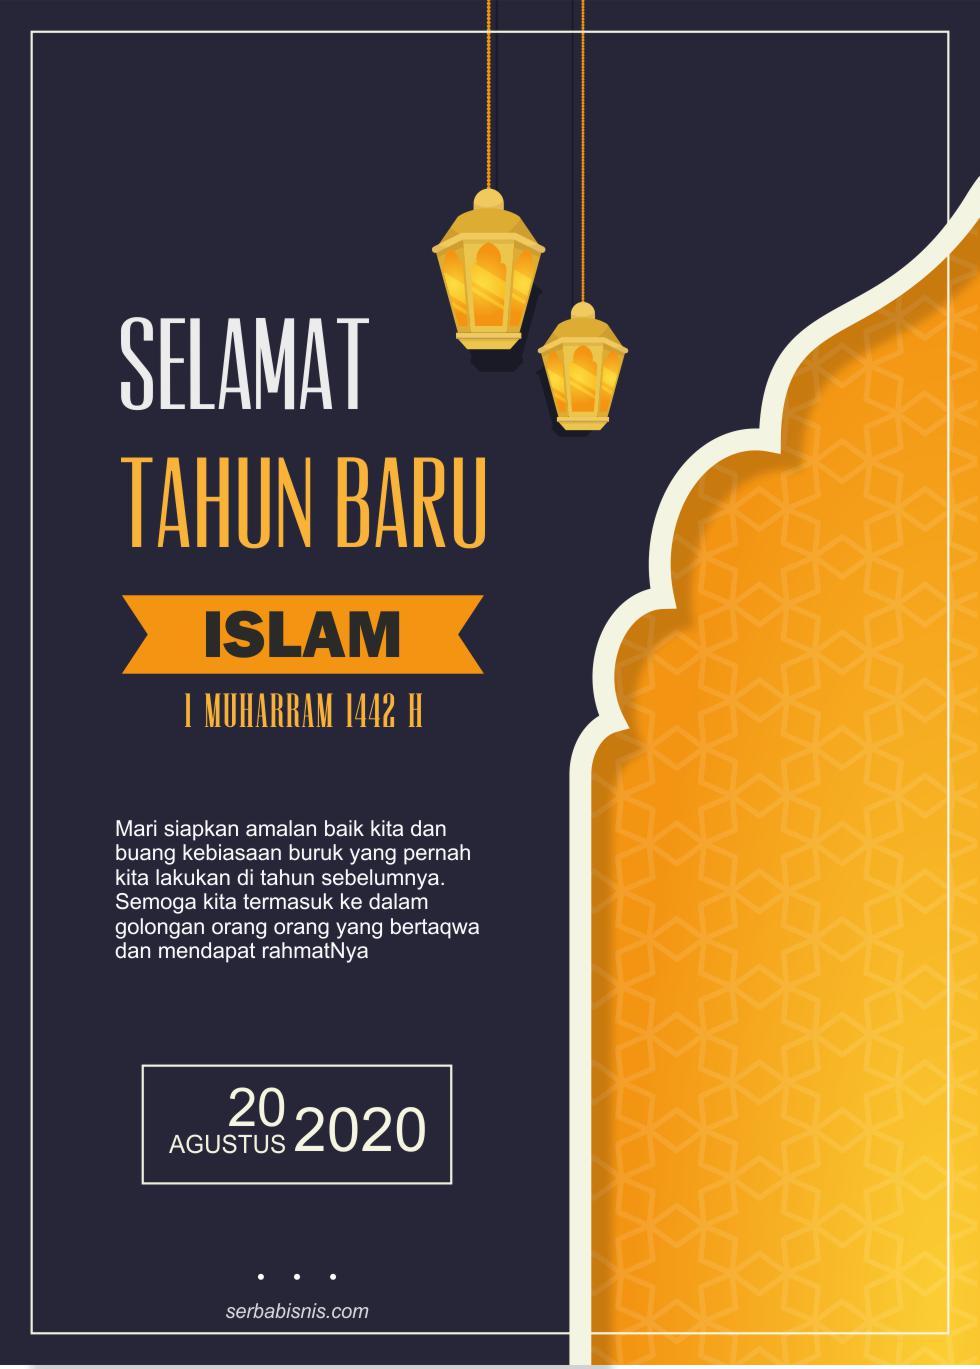 Poster Selamat Tahun Baru Islam Serbabisnis